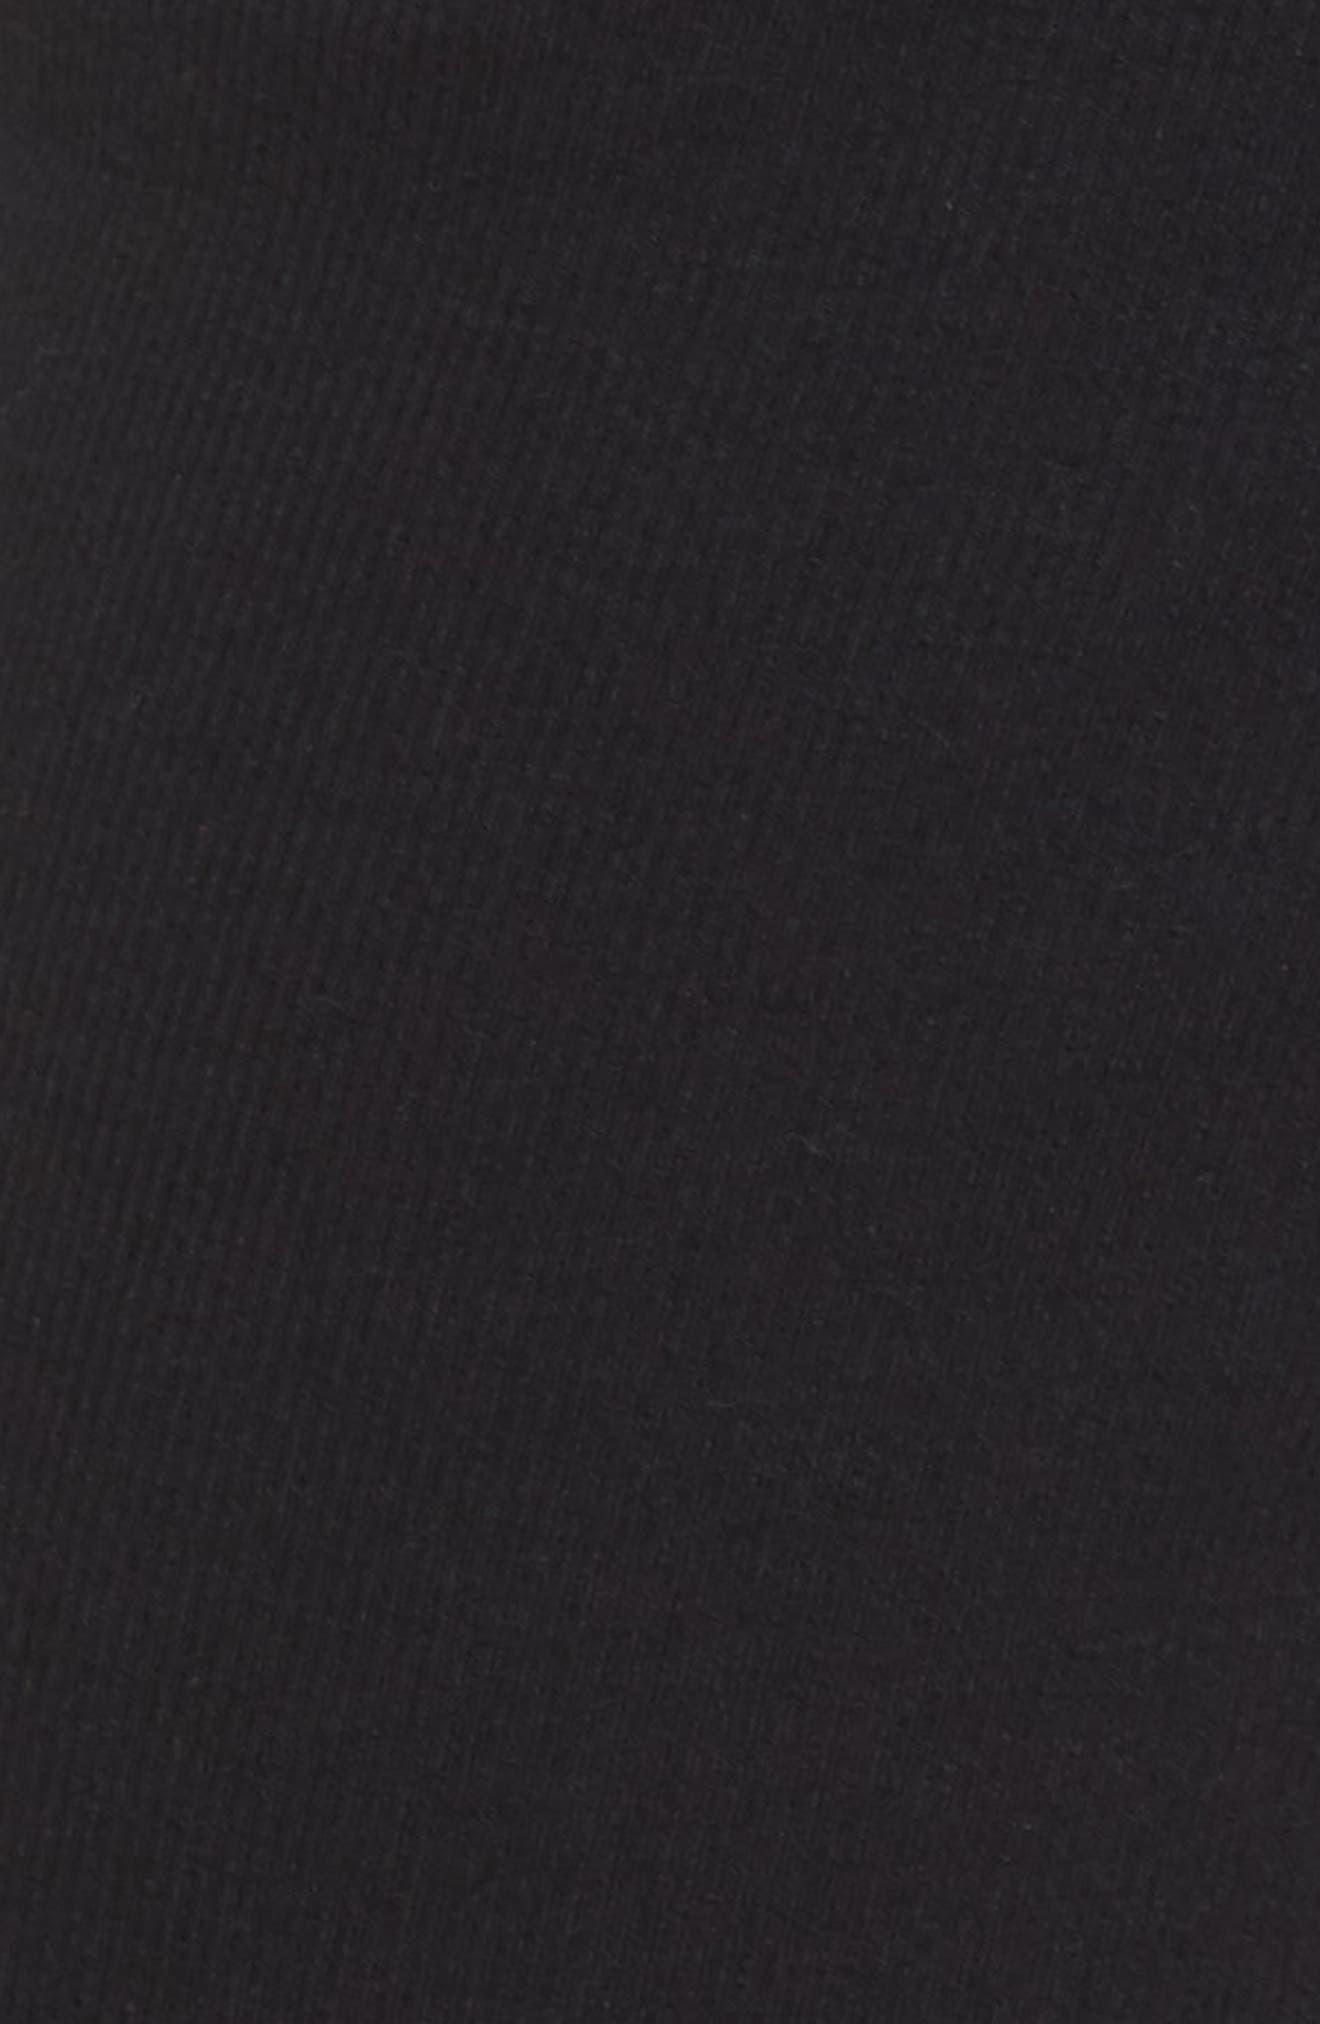 Carmin Crop Lounge Pants,                             Alternate thumbnail 5, color,                             Black